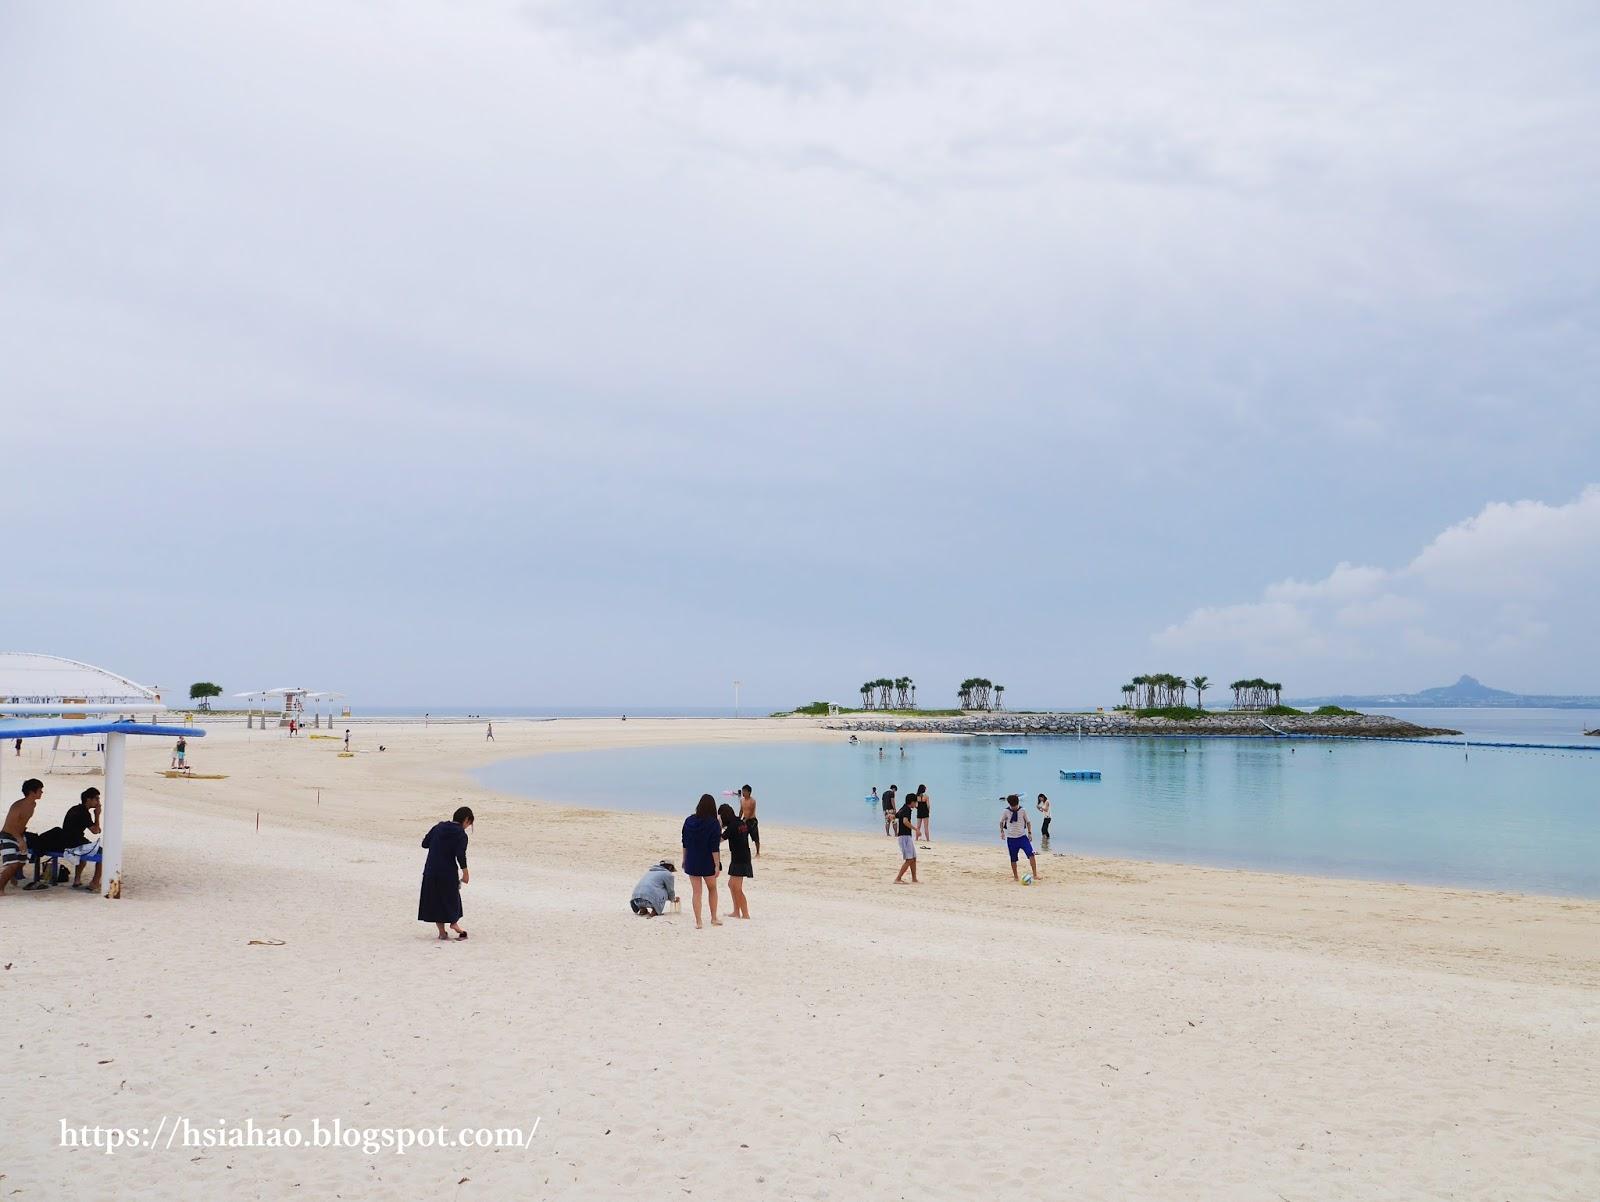 沖繩-海洋博公園-翡翠海灘-エメラルドビーチ-Emeraid-Beach-海濱長廊-景點-自由行-旅遊-旅行-okinawa-ocean-expo-park